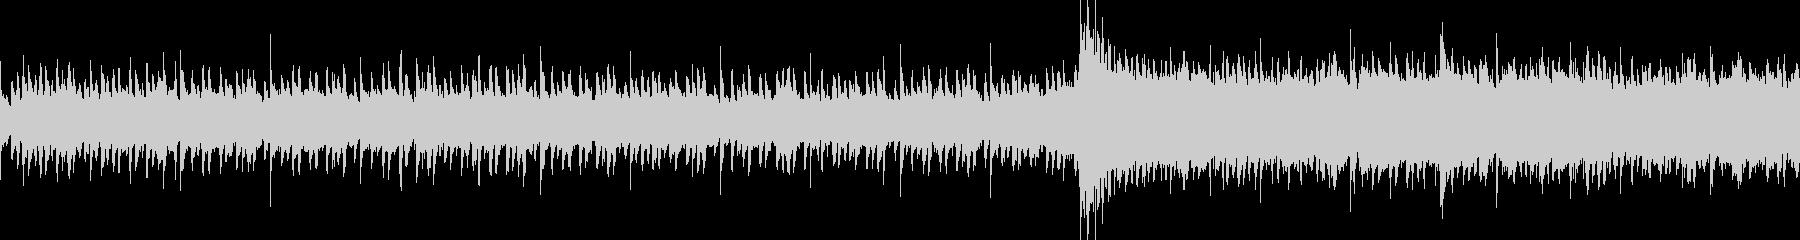 汎用BGM/神秘的(LOOP対応)の未再生の波形